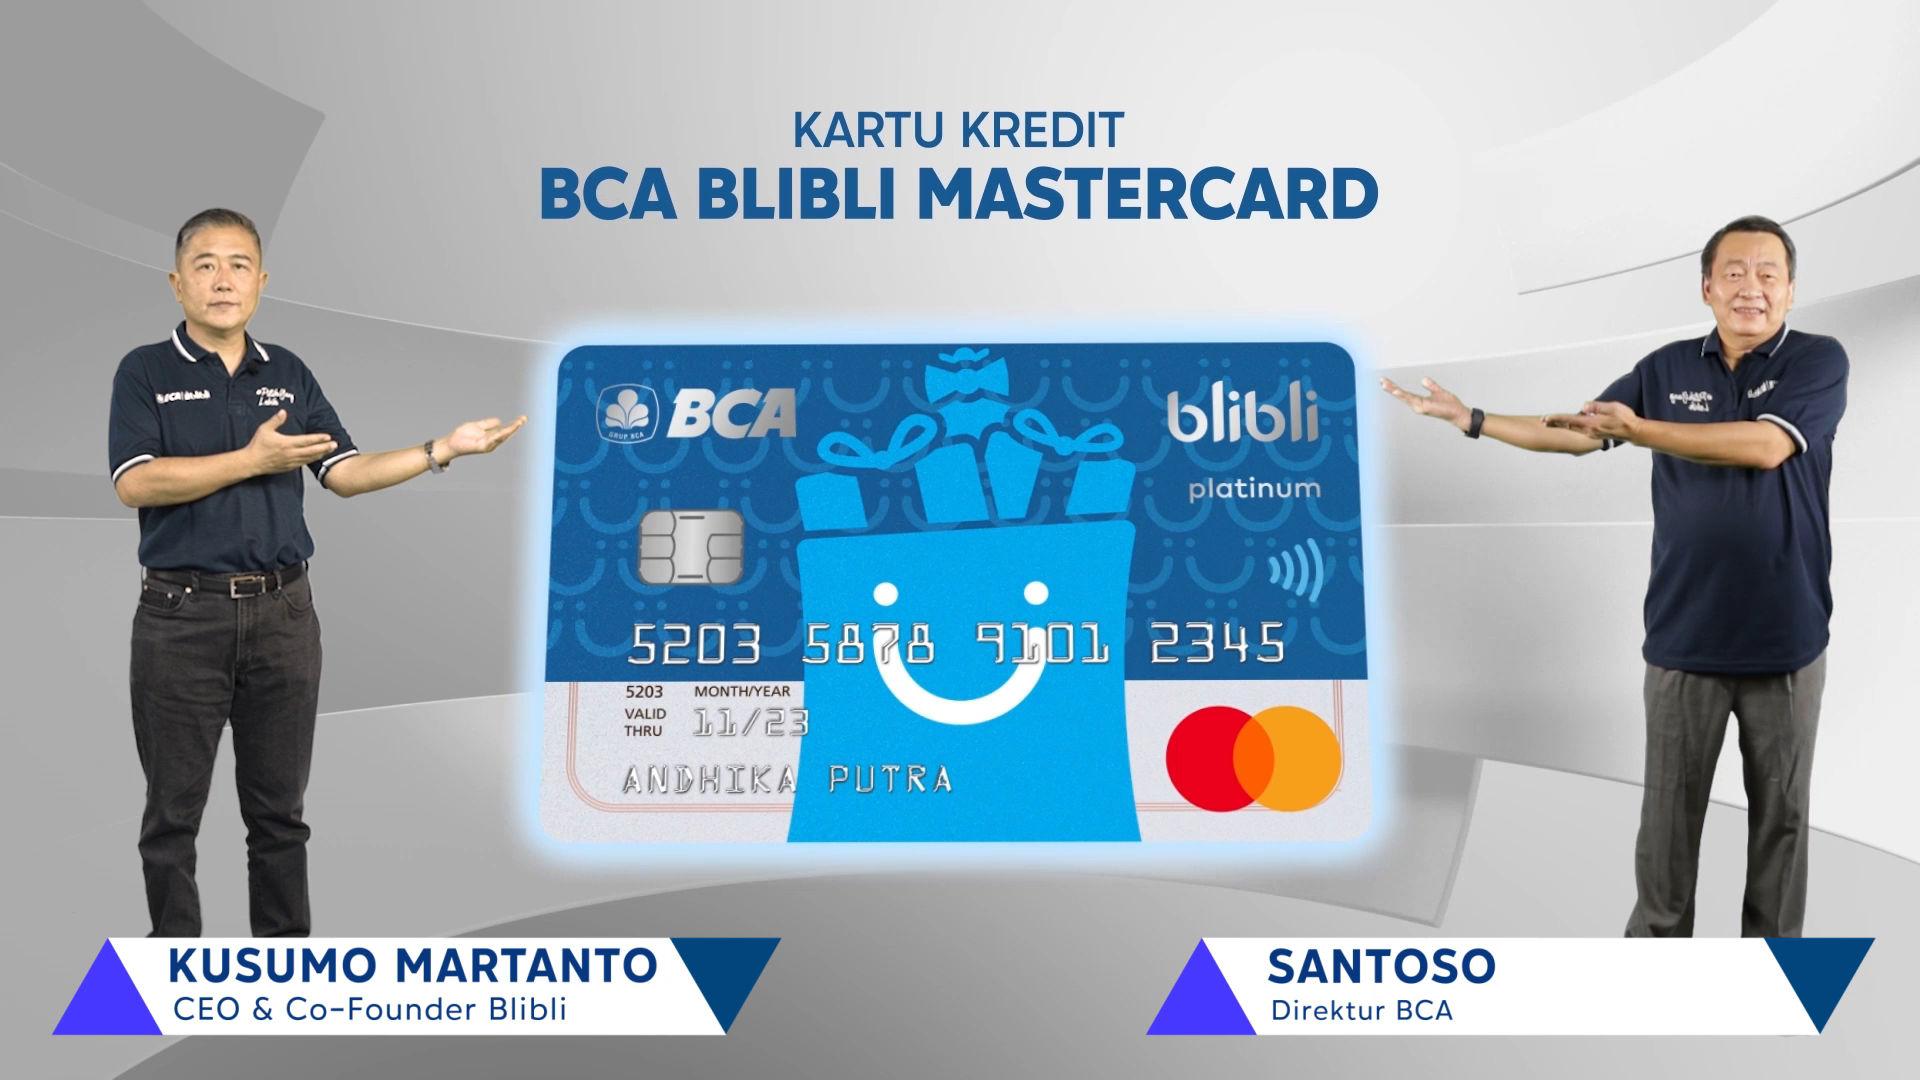 Gandeng BCA, Blibli Jadi e-Commerce Pertama yang Punya Kartu Kredit Mastercard